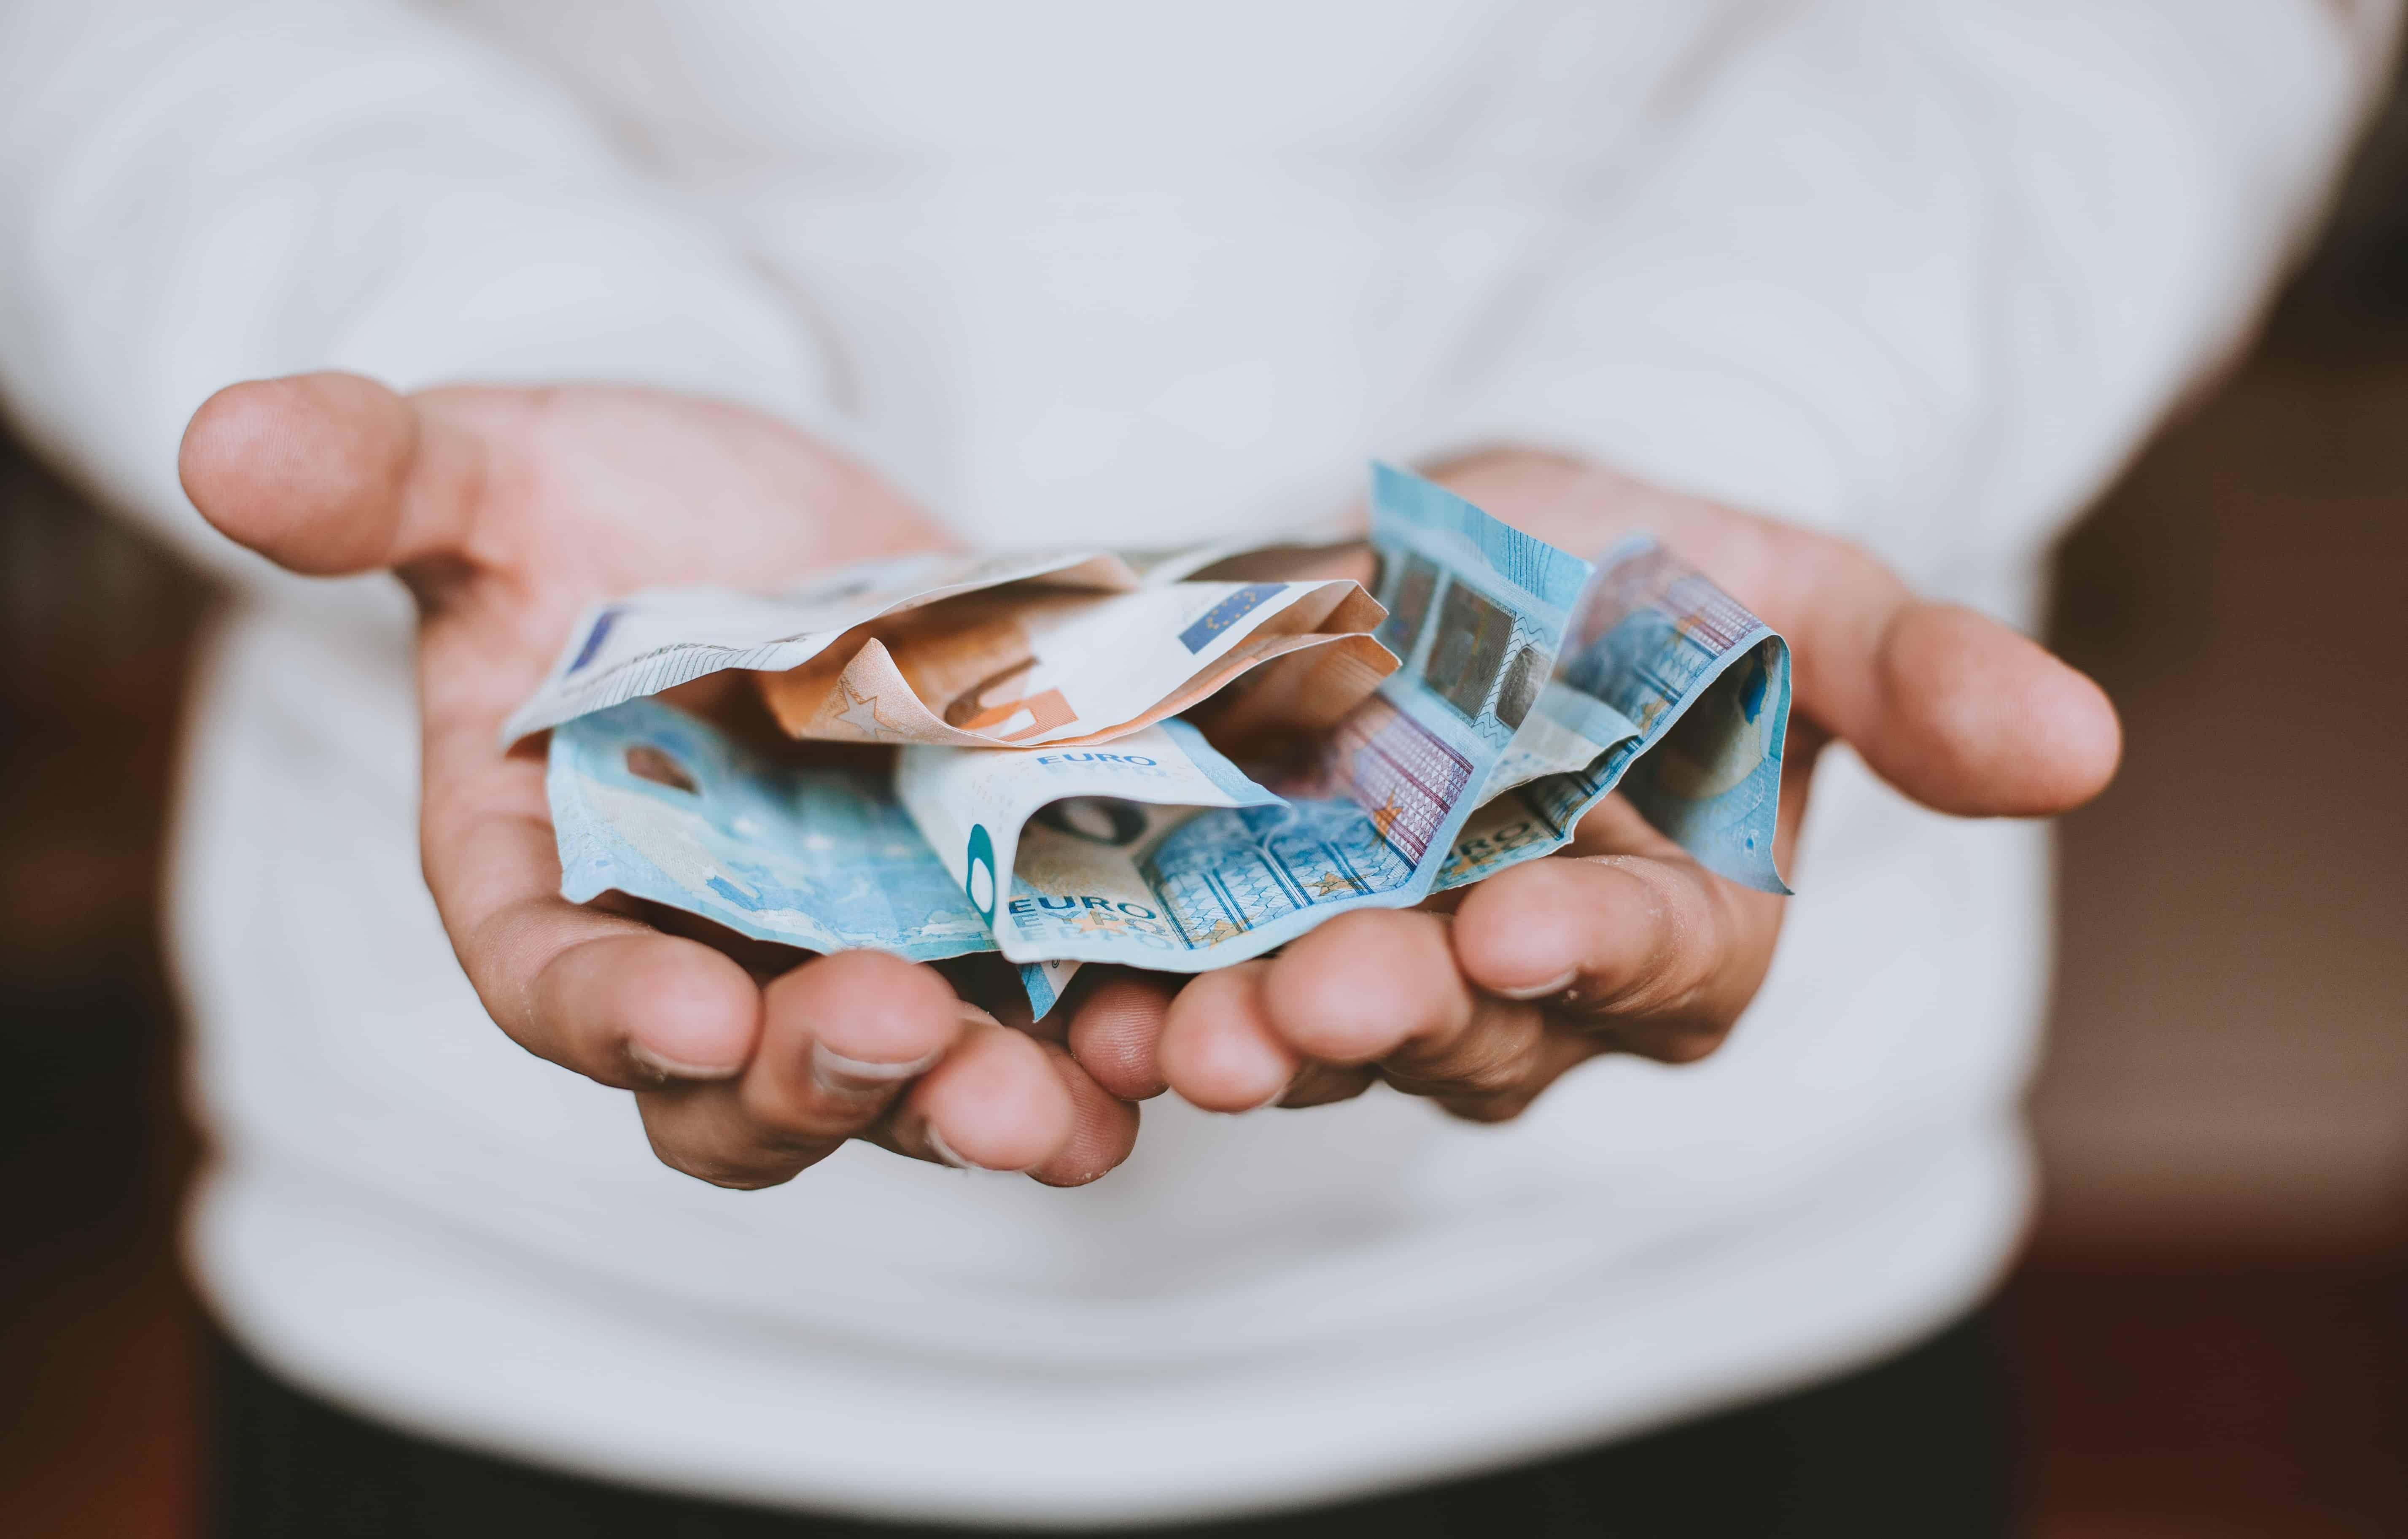 în Monex, tranzacționarea poate fi re- aranjată